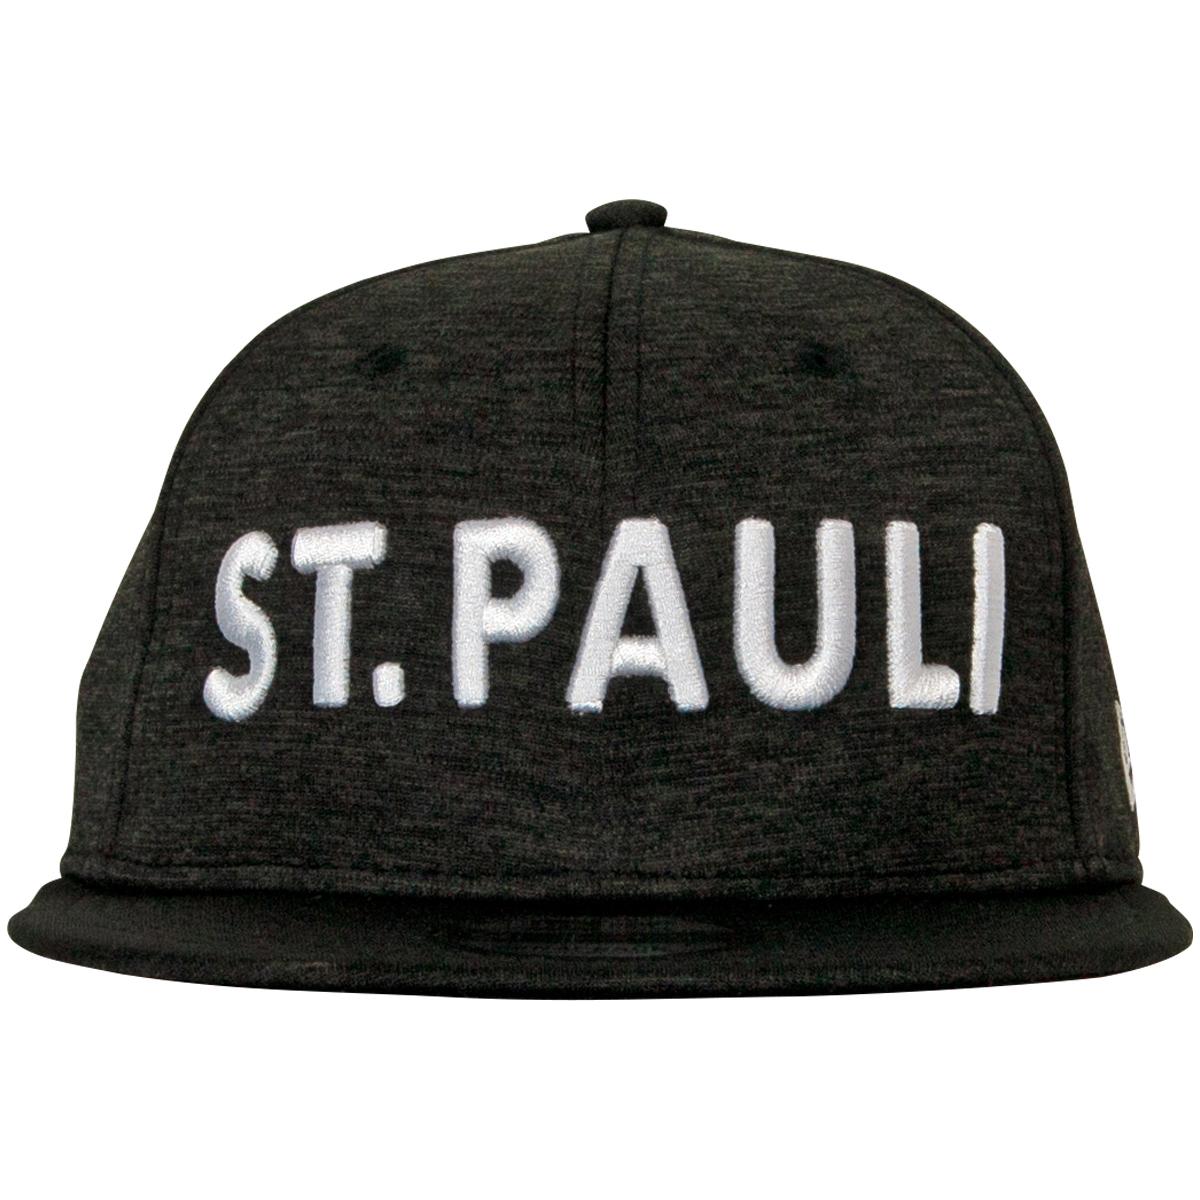 FC St. Pauli - NewEra Kappe Schriftzug ST. PAULI - anthrazit